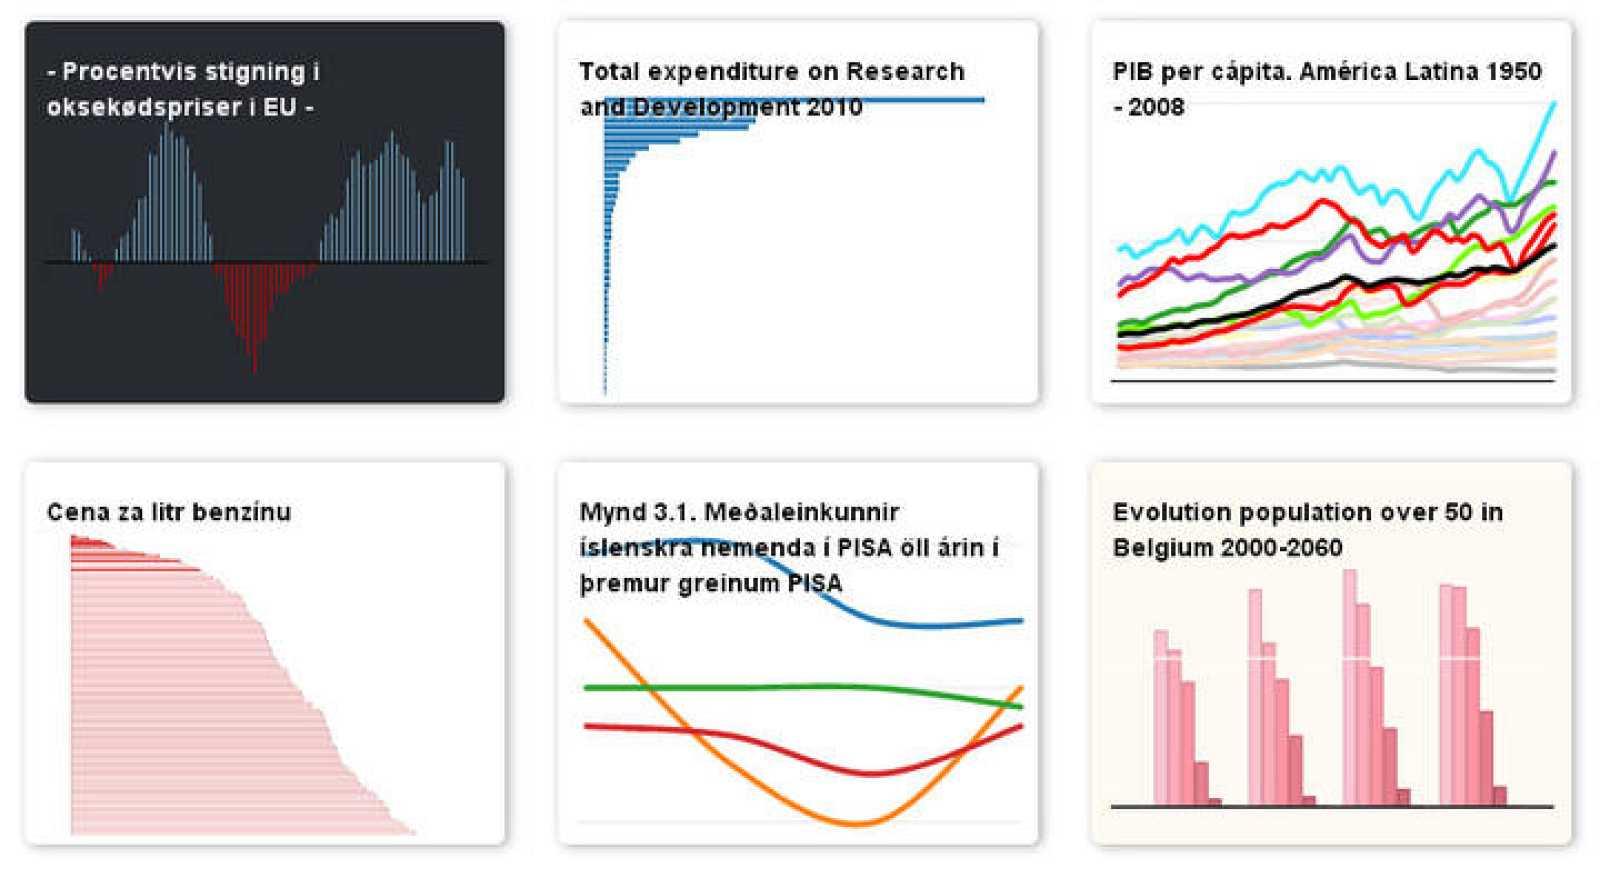 Sencillos gráficos de Datawrapper